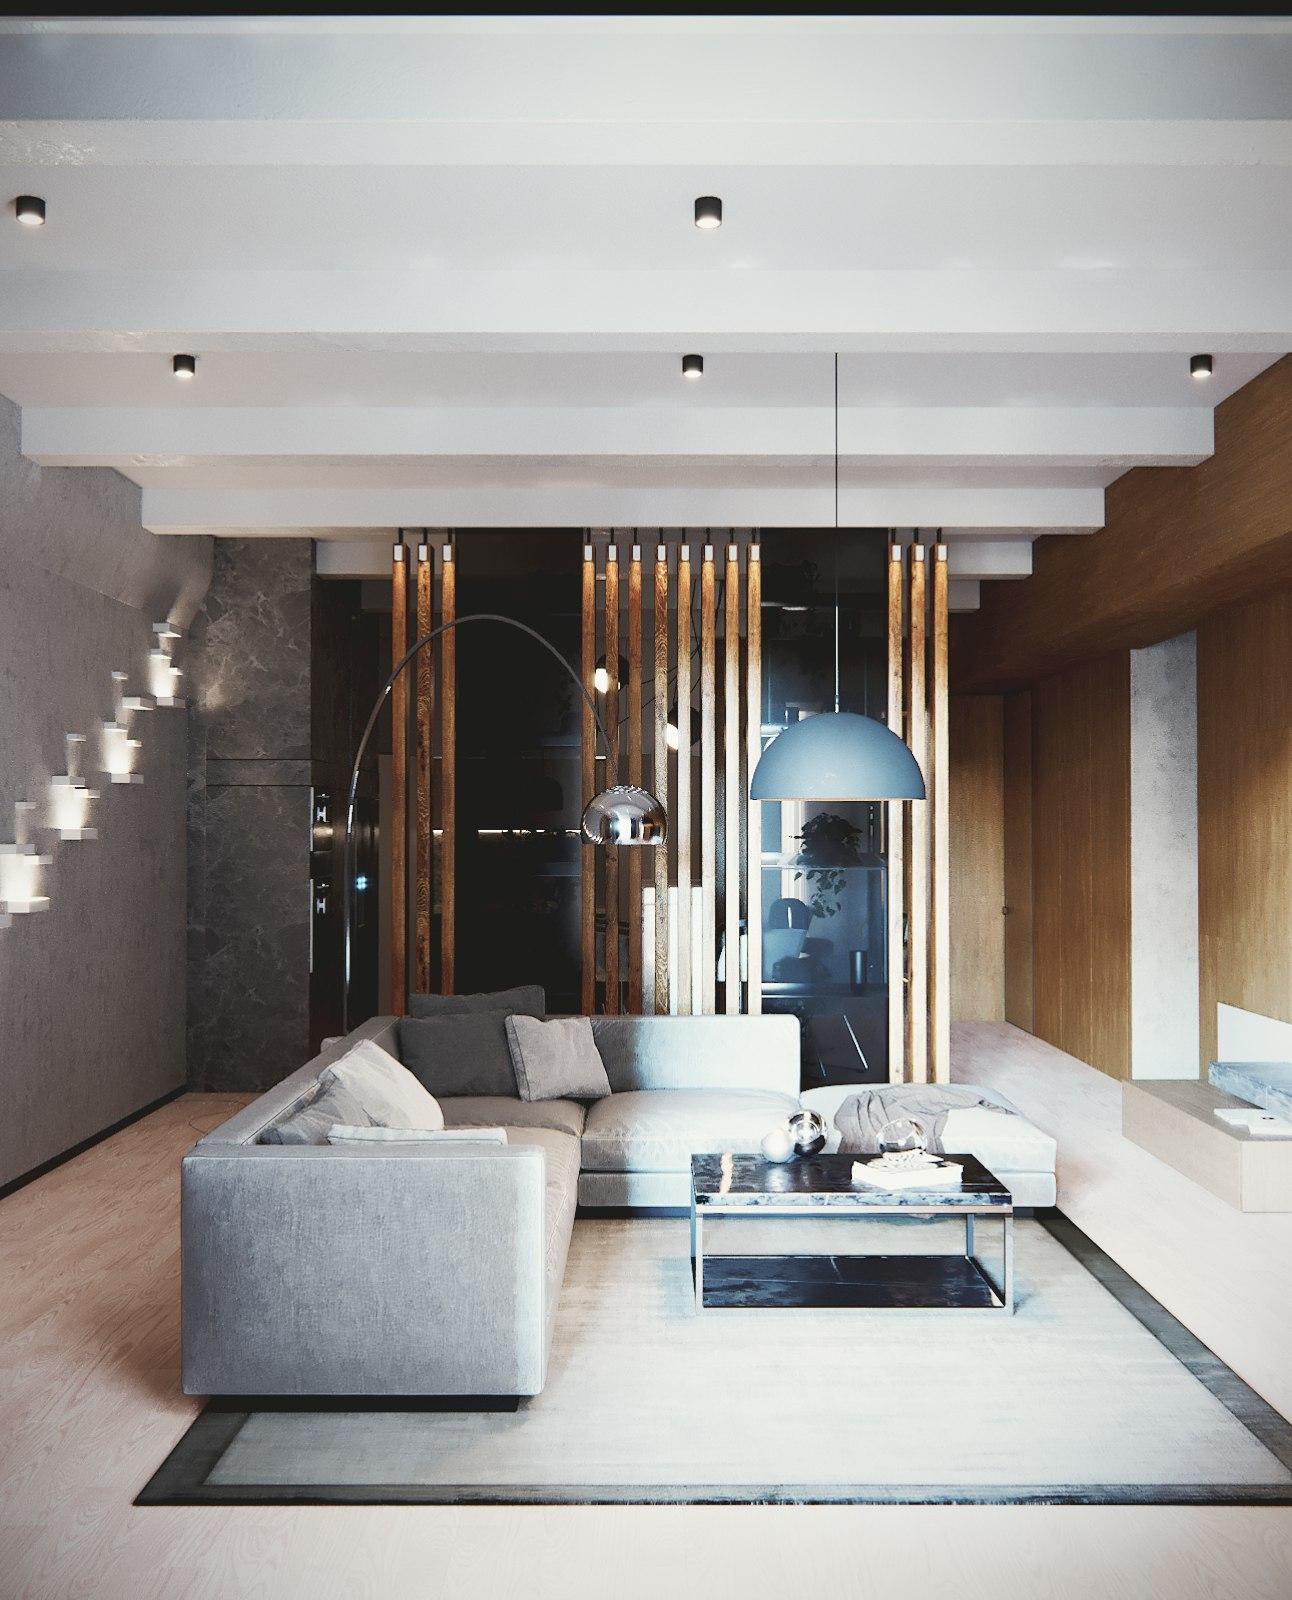 Designed by Nadezhda Zyubina